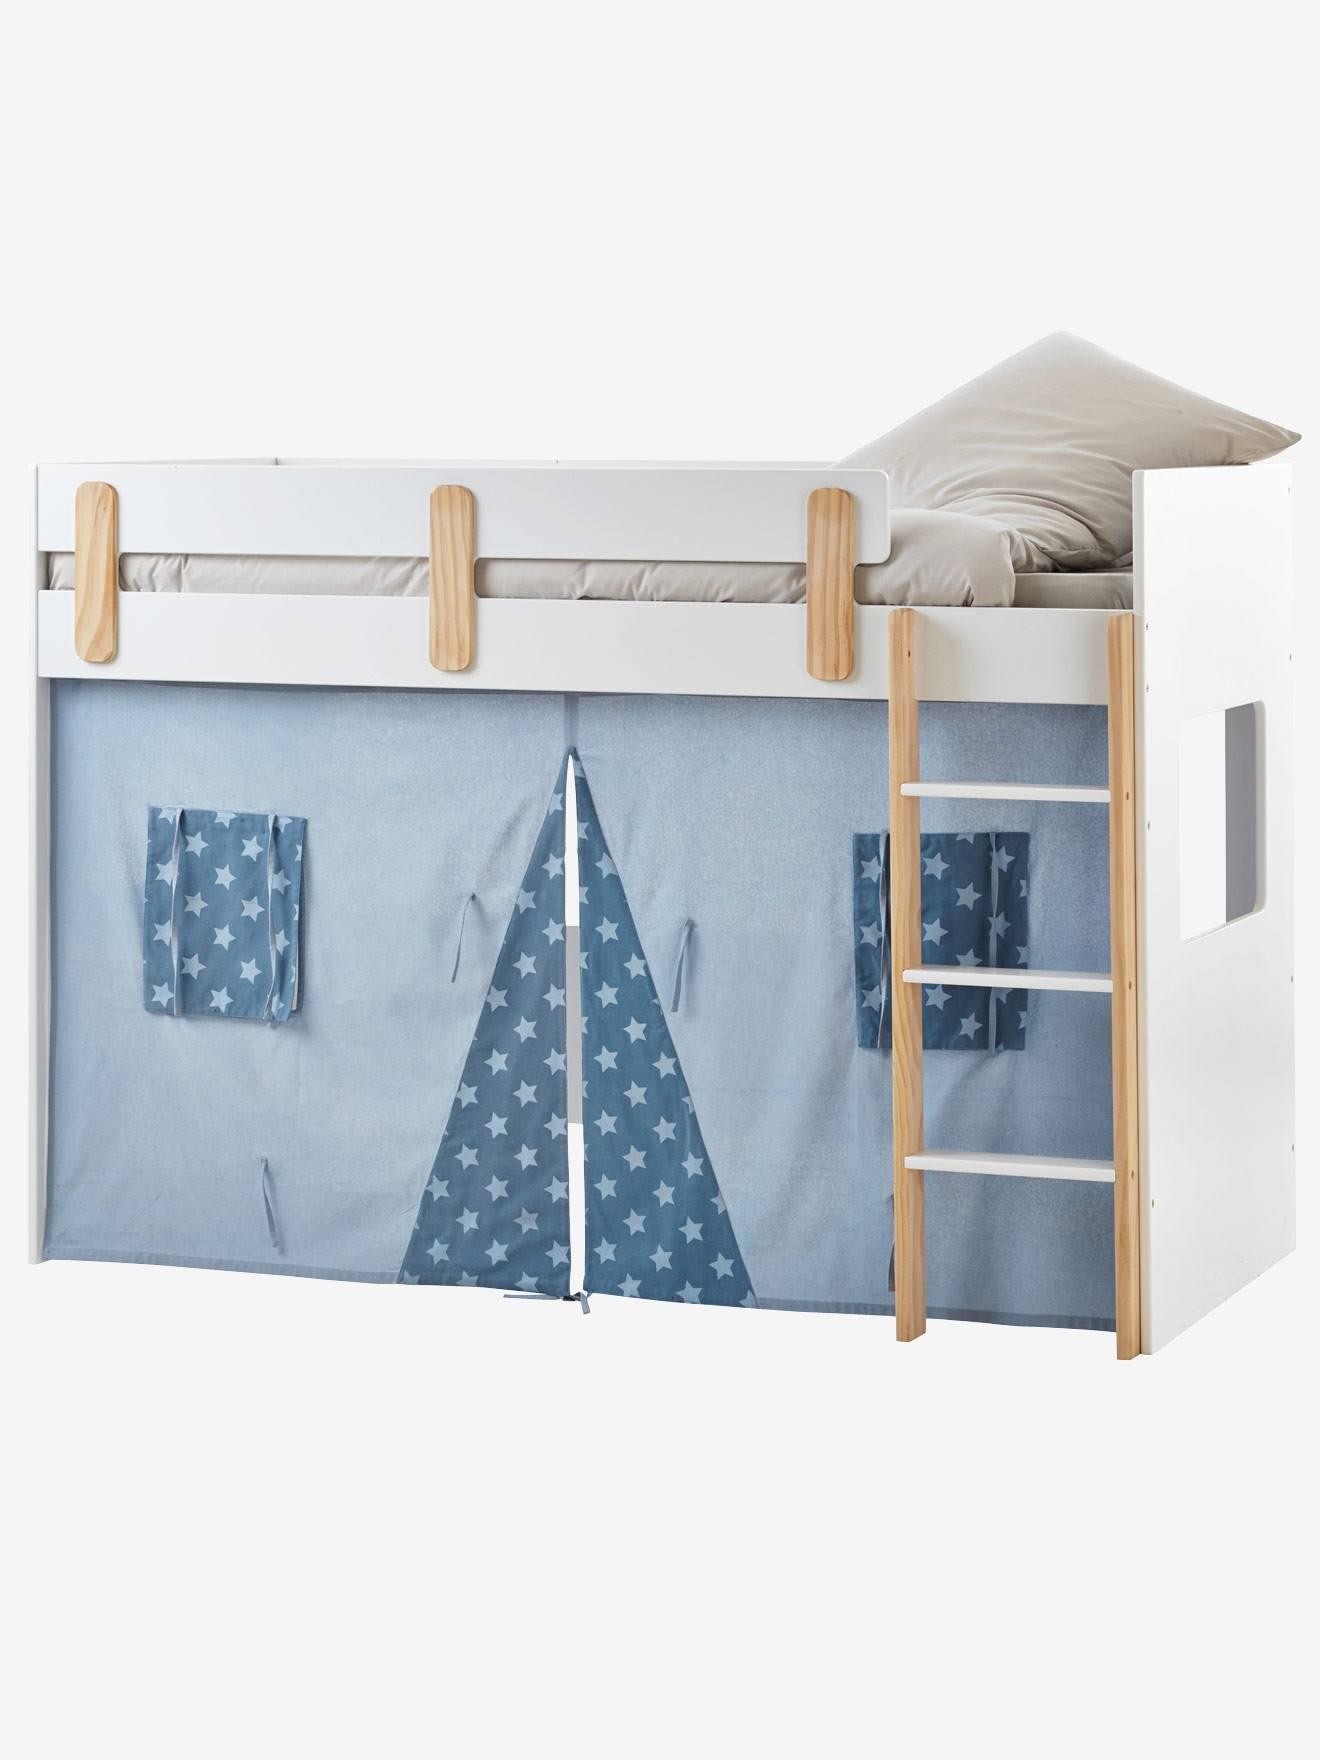 rideau vertbaudet chambre with rideau vertbaudet top rideaux designer rideau panneaux w ou w x. Black Bedroom Furniture Sets. Home Design Ideas